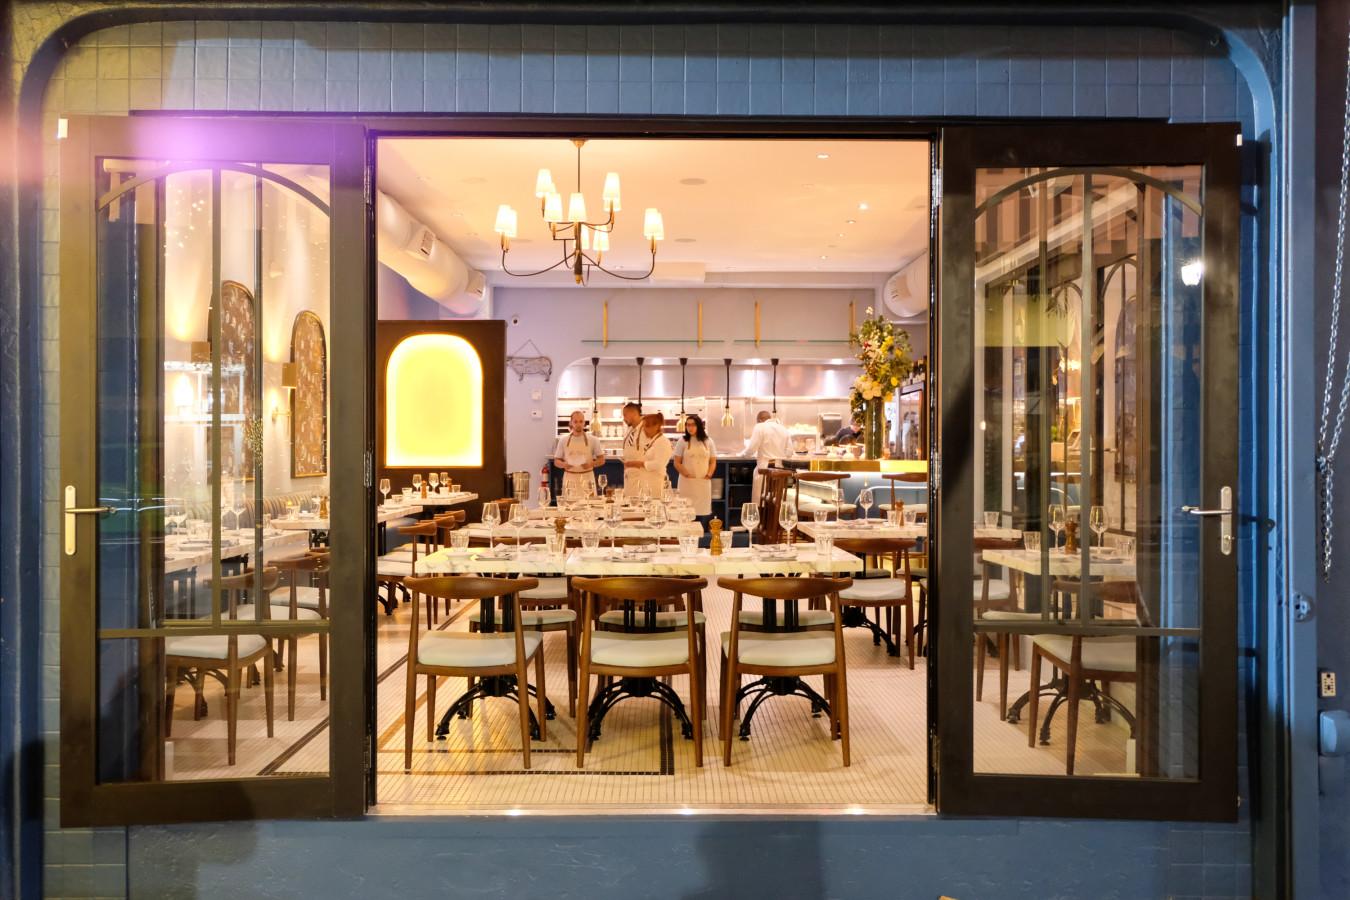 Miami and Miami Beach Dining and Restaurant Guide | MiamiAndBeaches ...